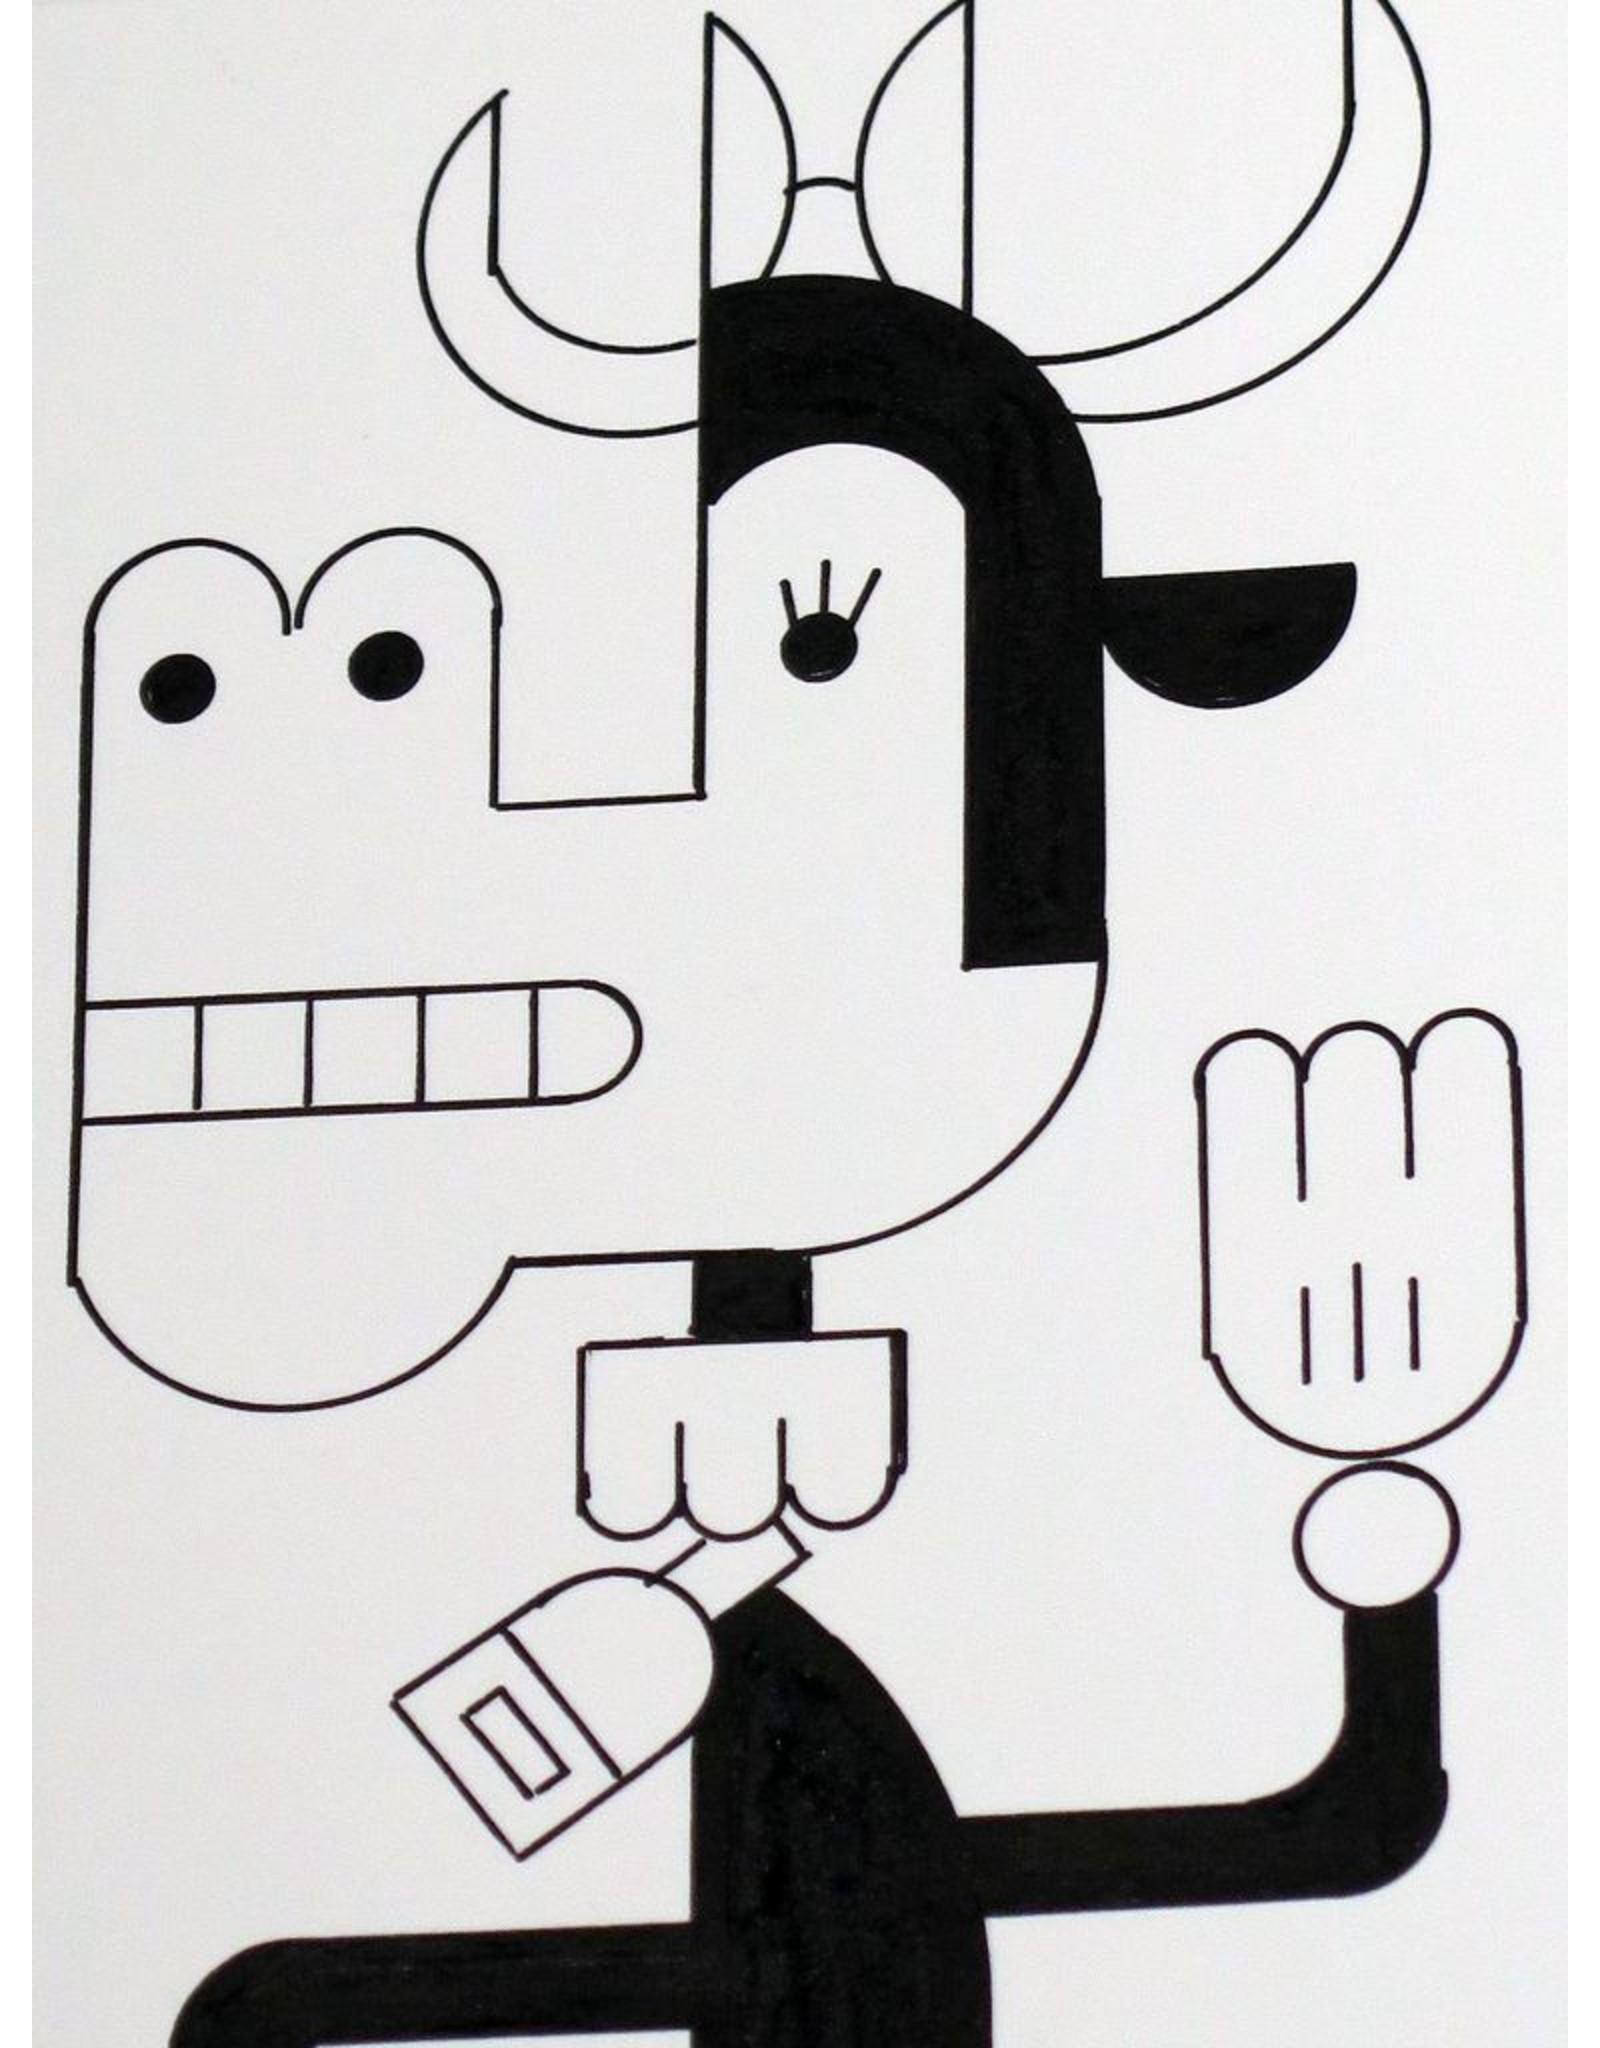 Ivan Brunetti Cow, 2014, Illustration by Ivan Brunetti